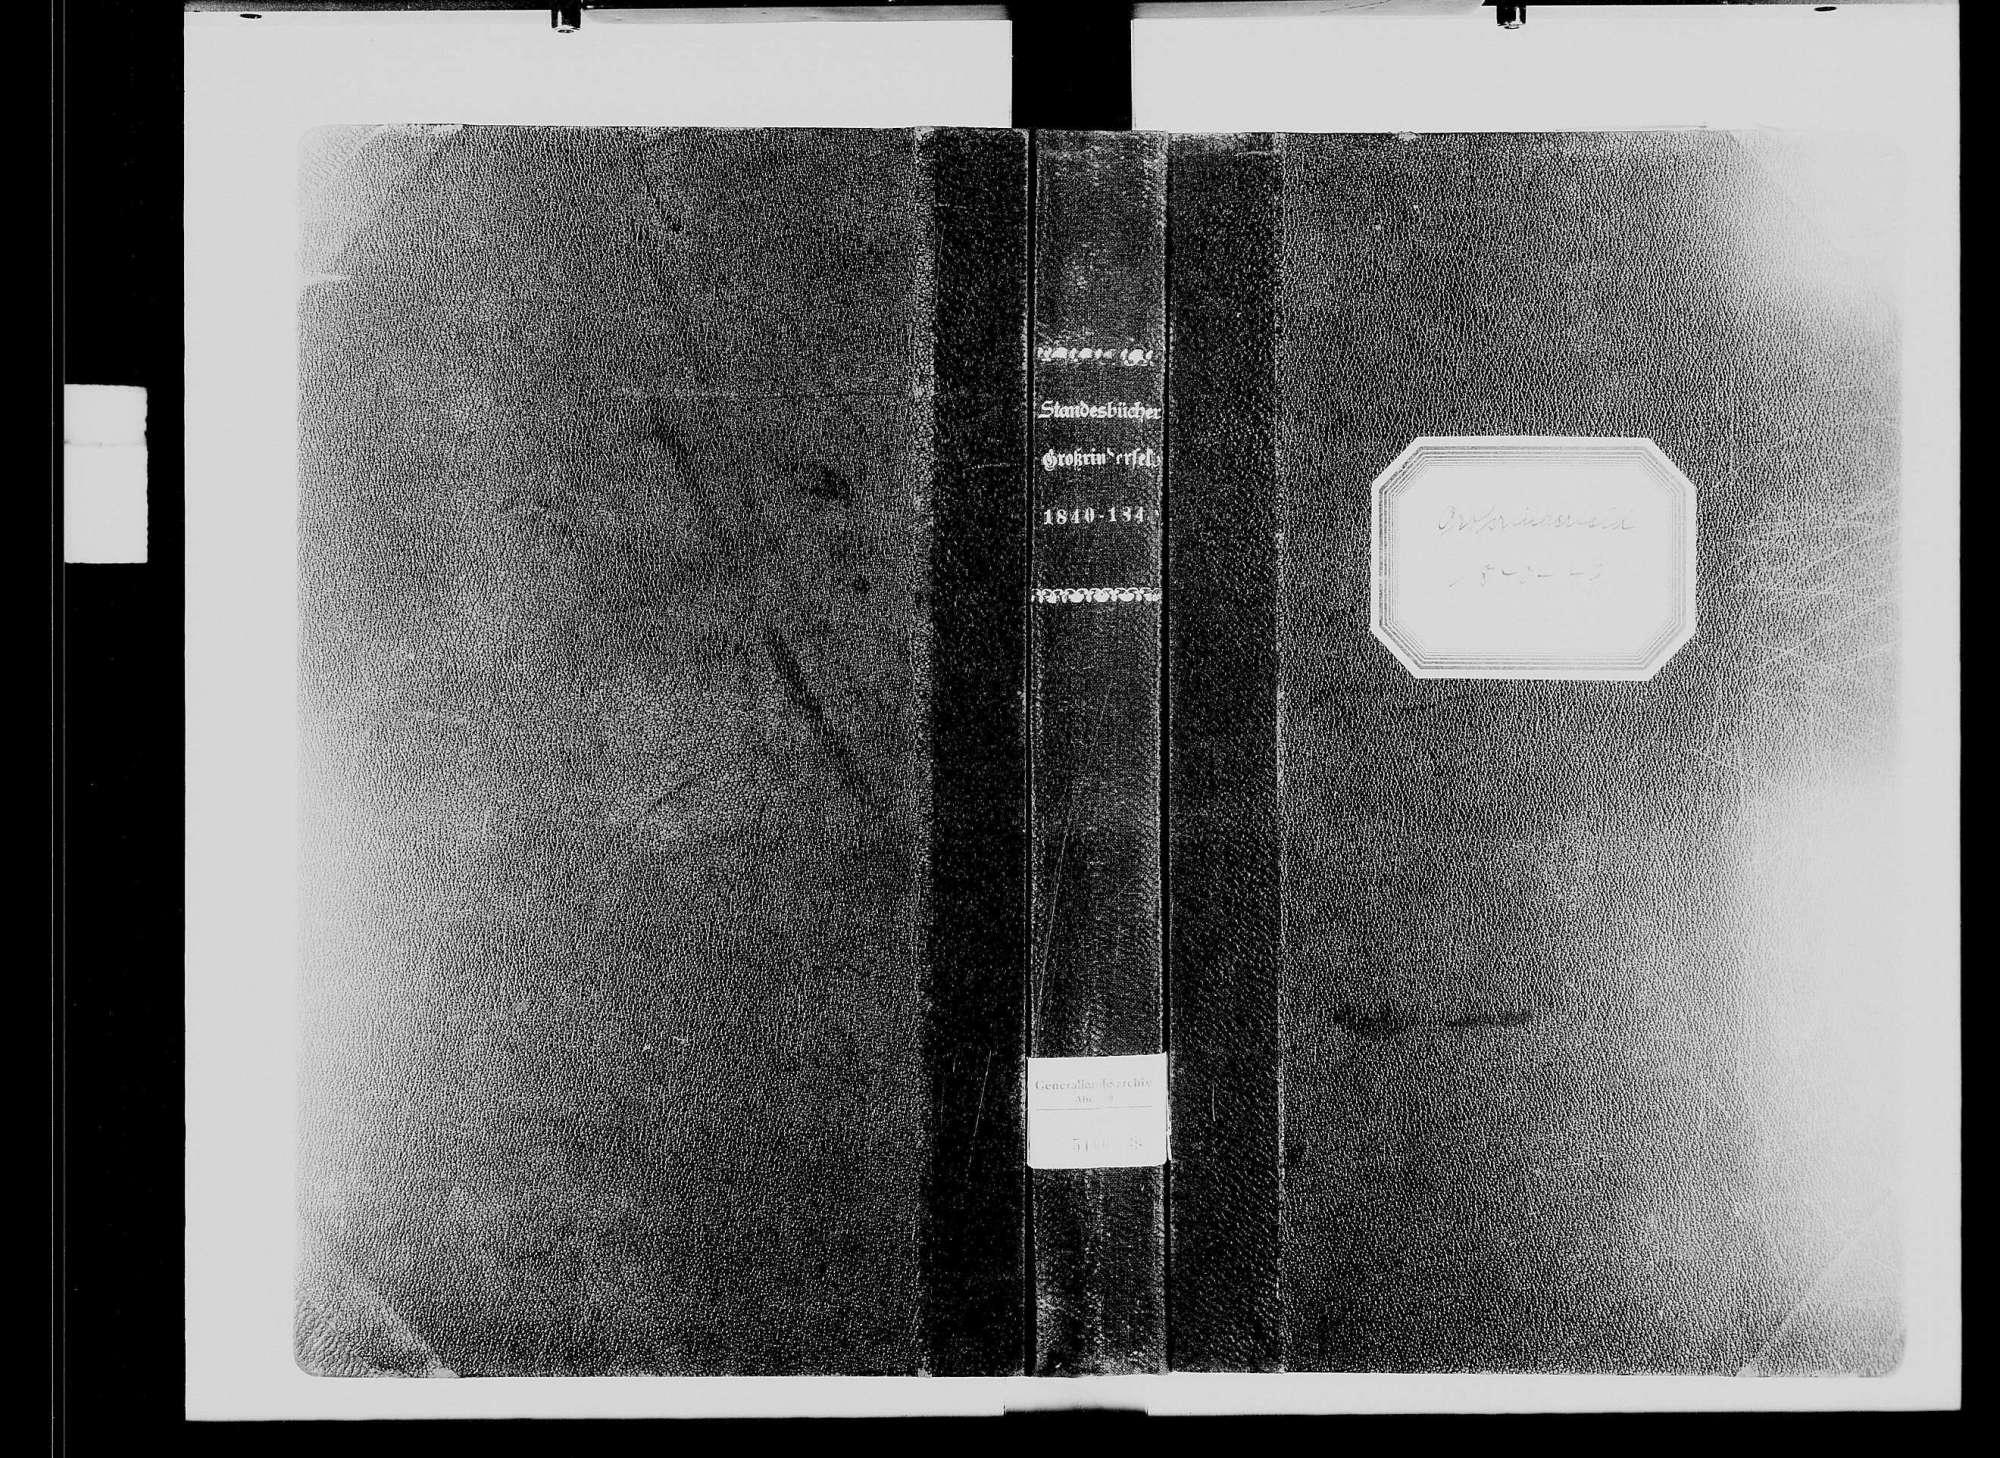 Großrinderfeld, katholische Gemeinde: Standesbuch 1840-1849, Bild 2